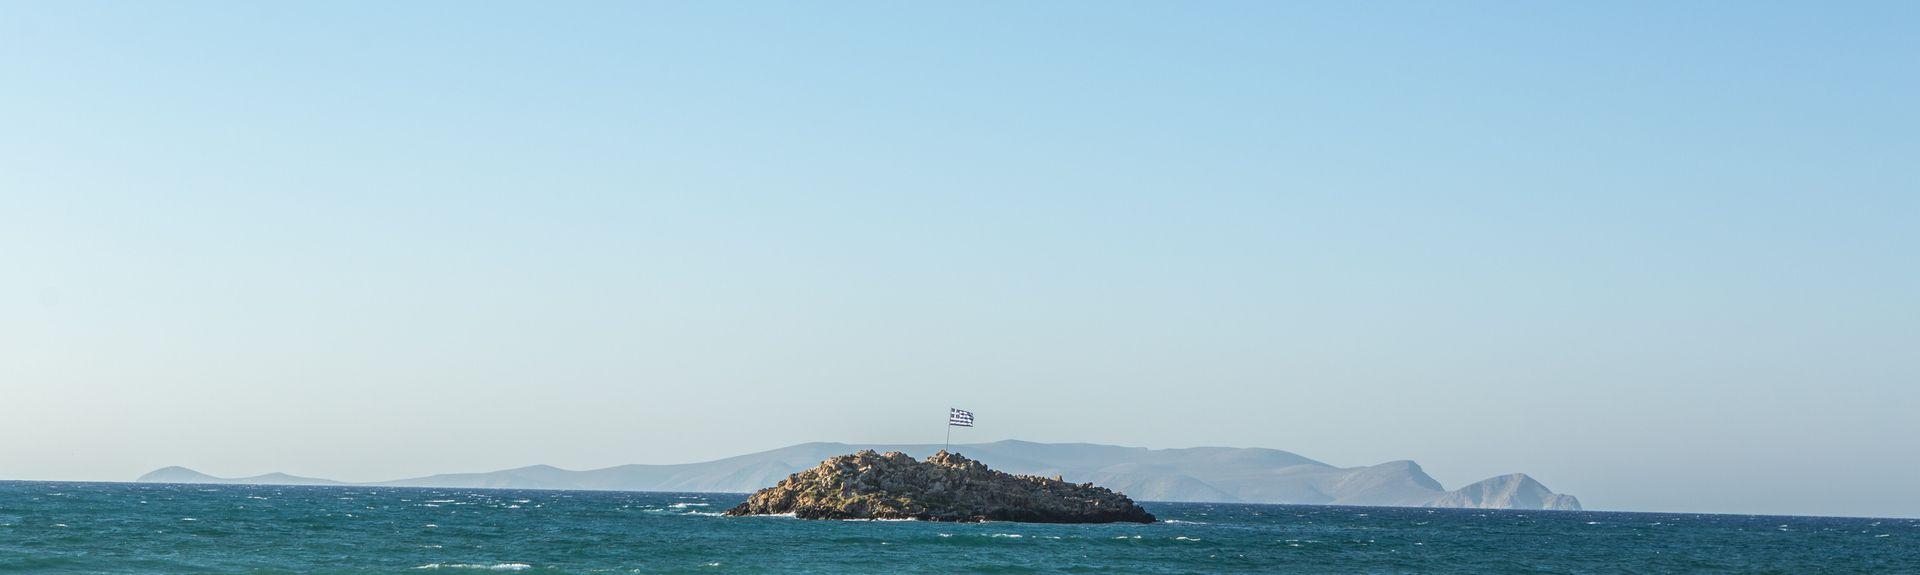 Iraklion, Kreta, Griekenland